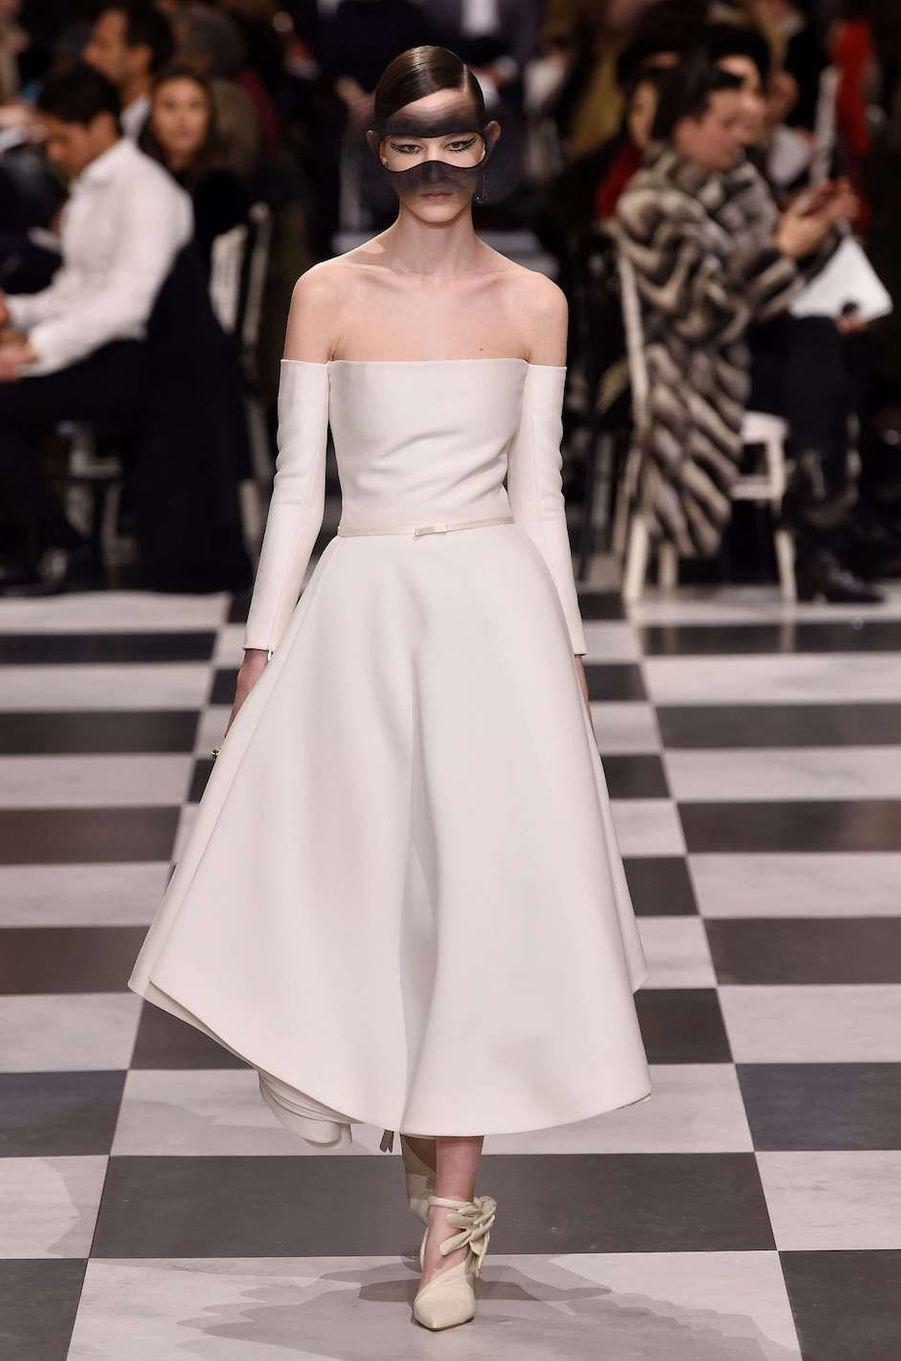 Défilé Christian Dior haute couture printemps-été 2018